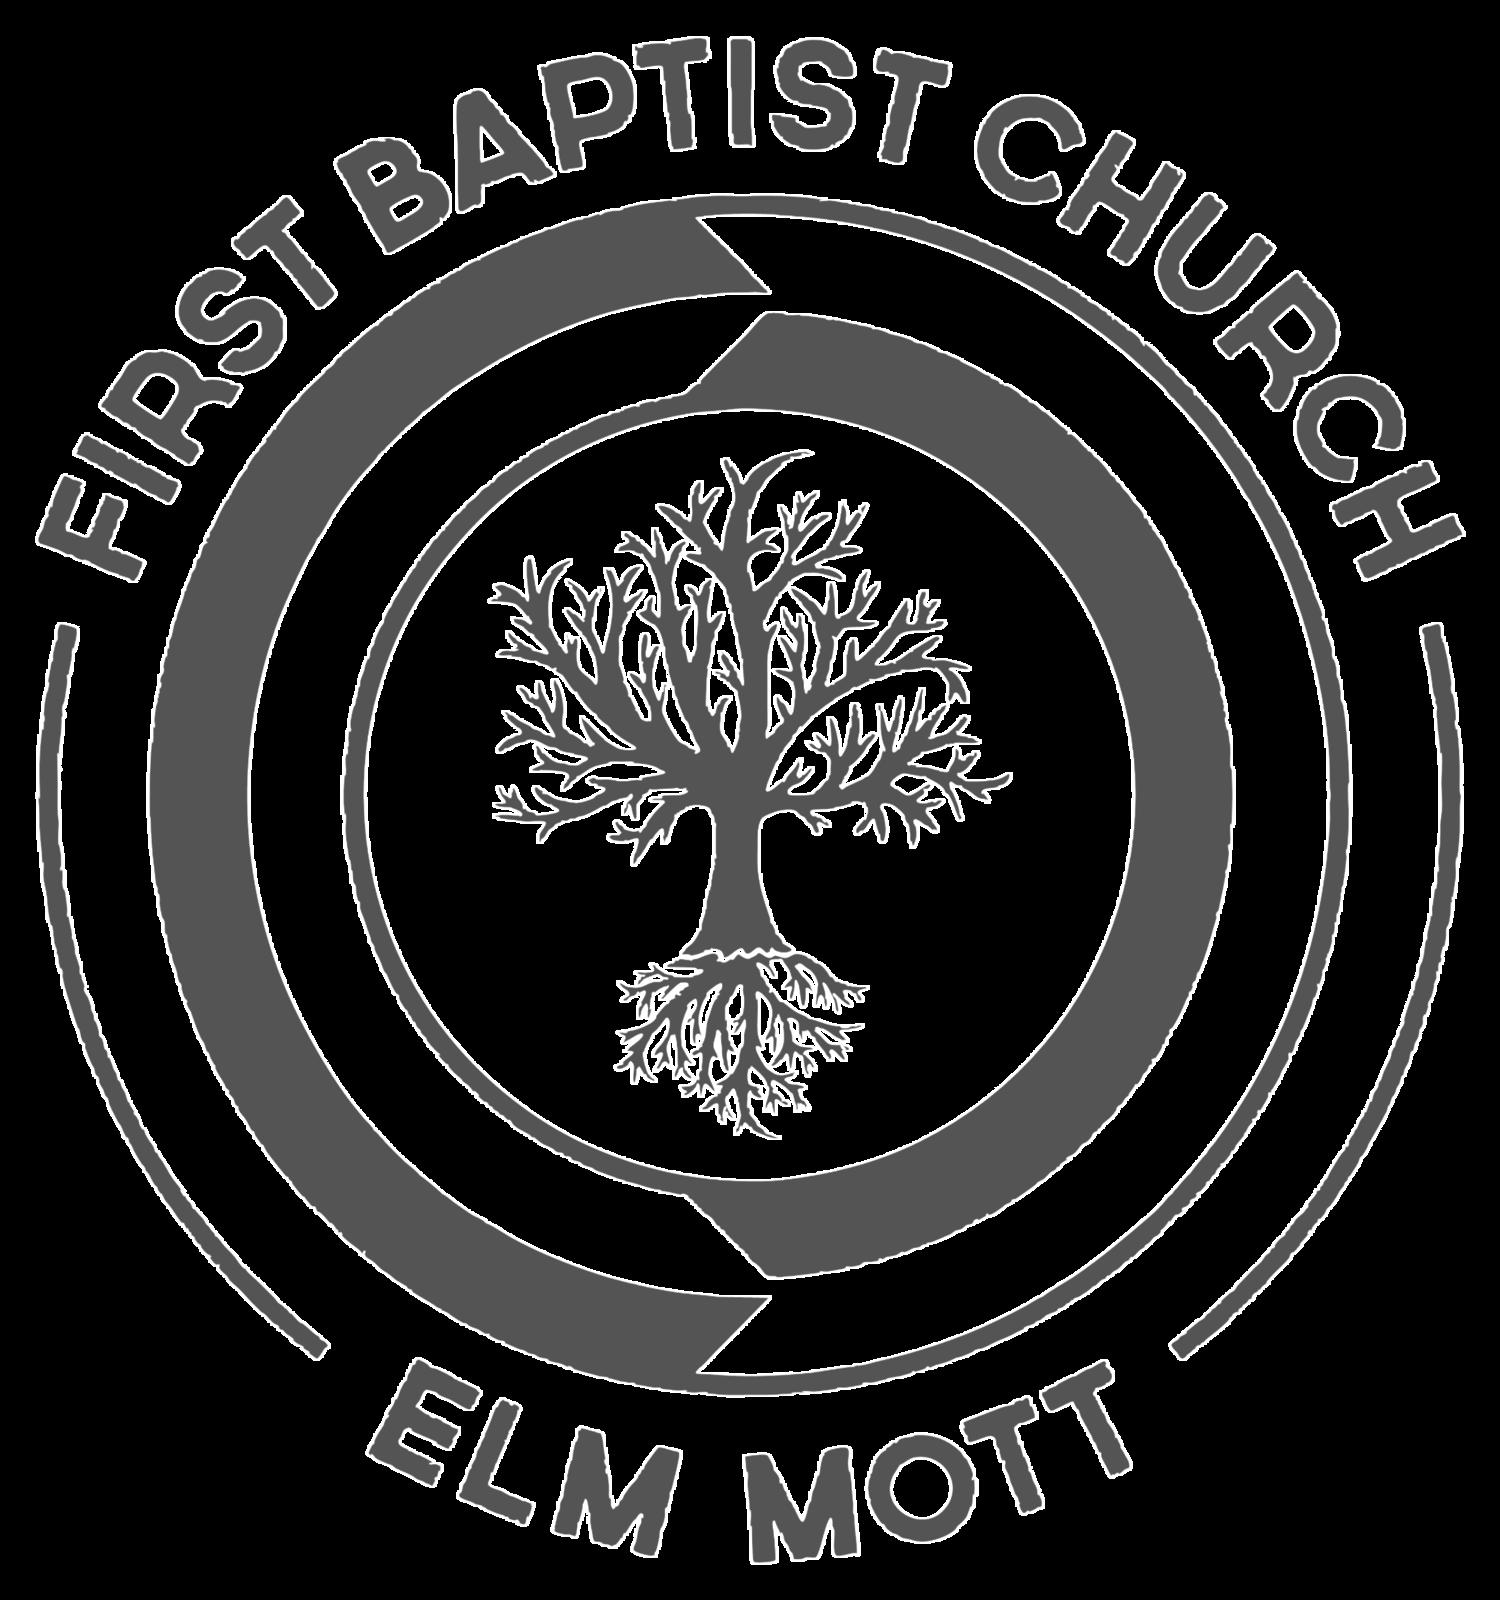 Music Ministry Fbc Elm Mott